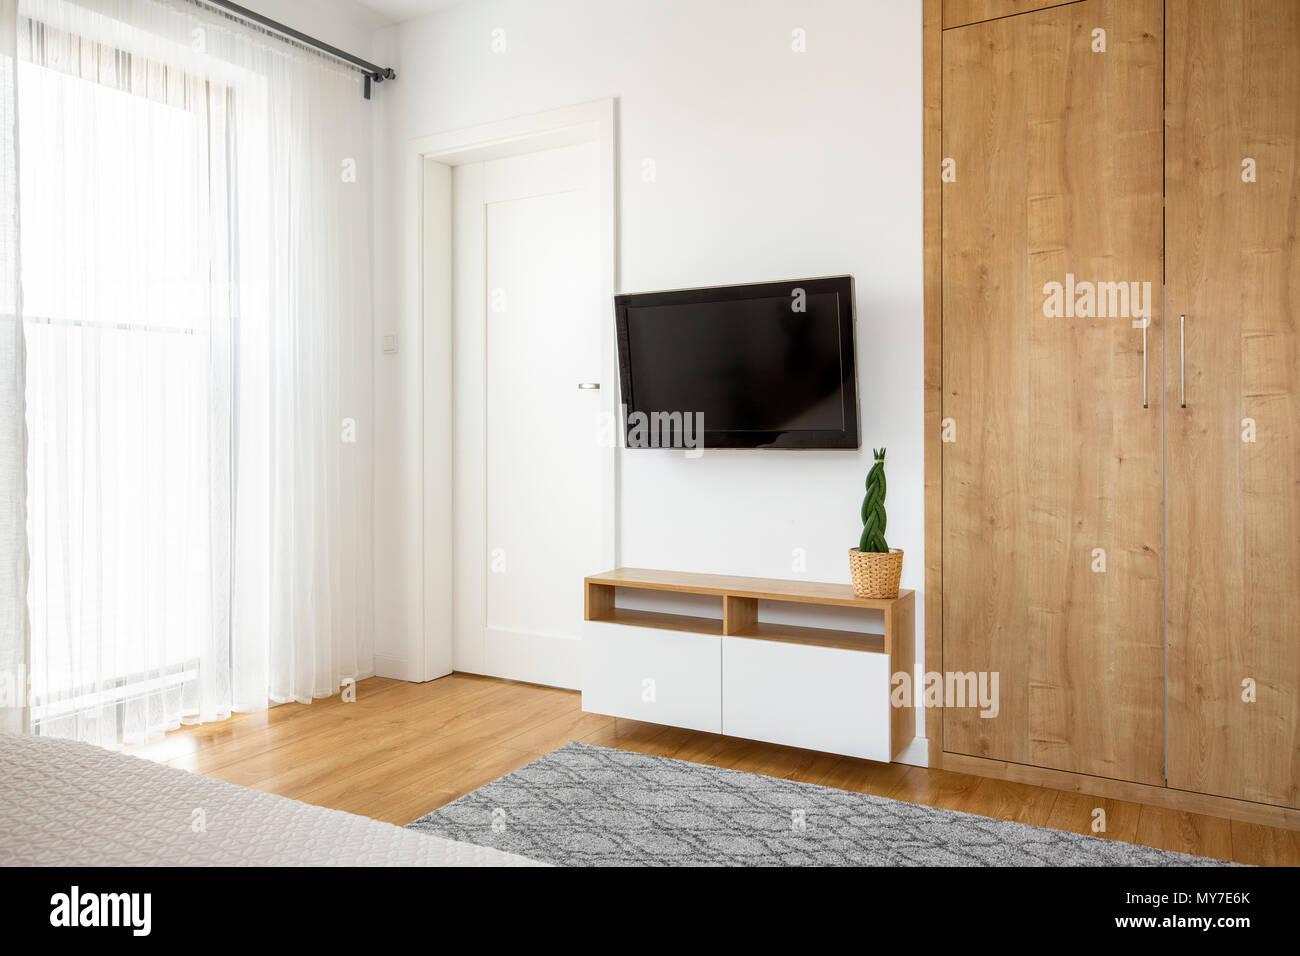 Armoire En Bois A Cote De La Television Sur Le Mur Blanc